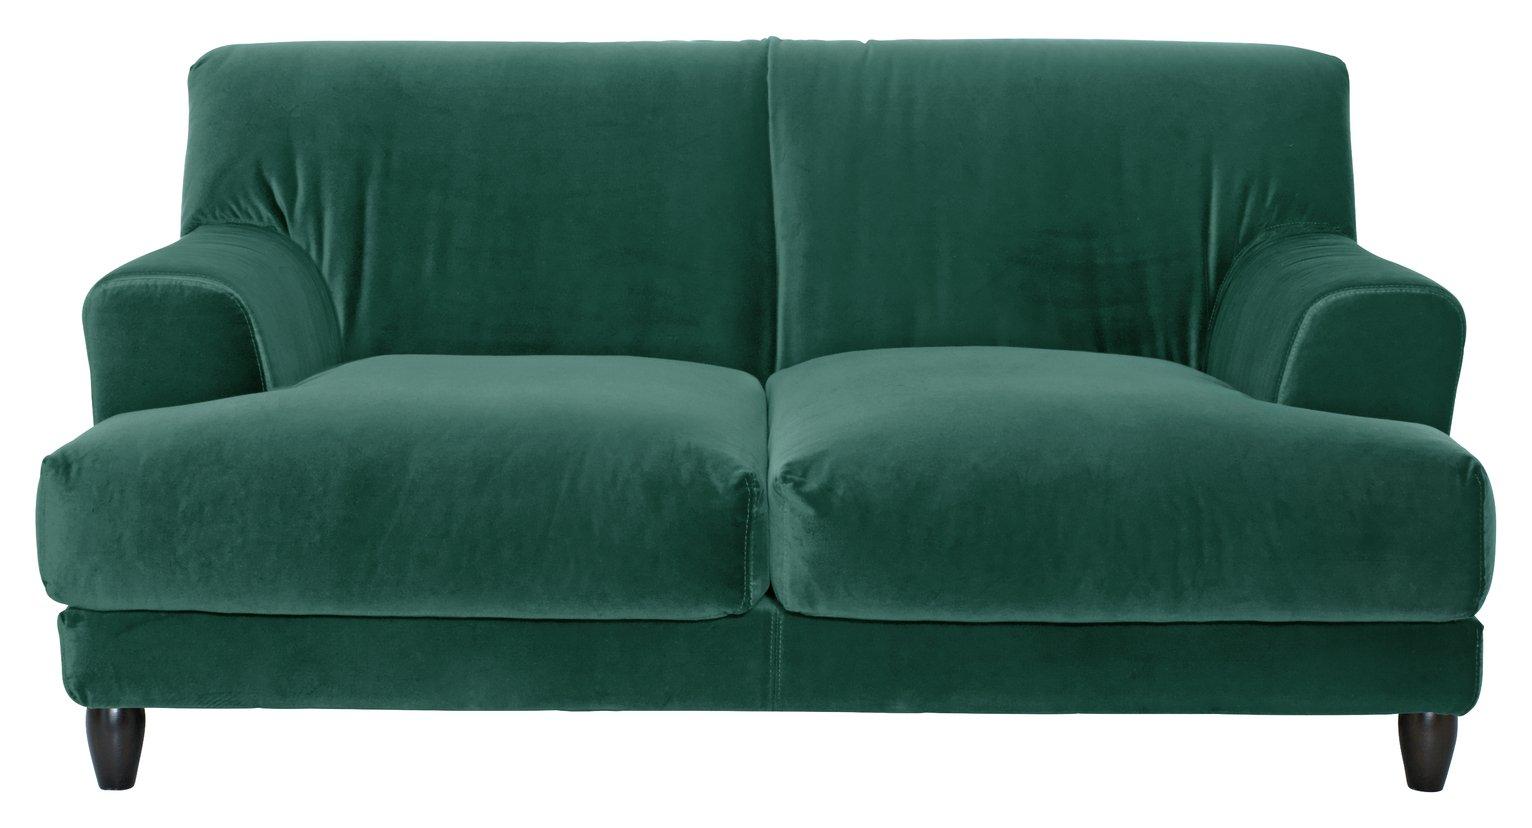 Habitat Askem 2 Seater Velvet Sofa - Emerald Green